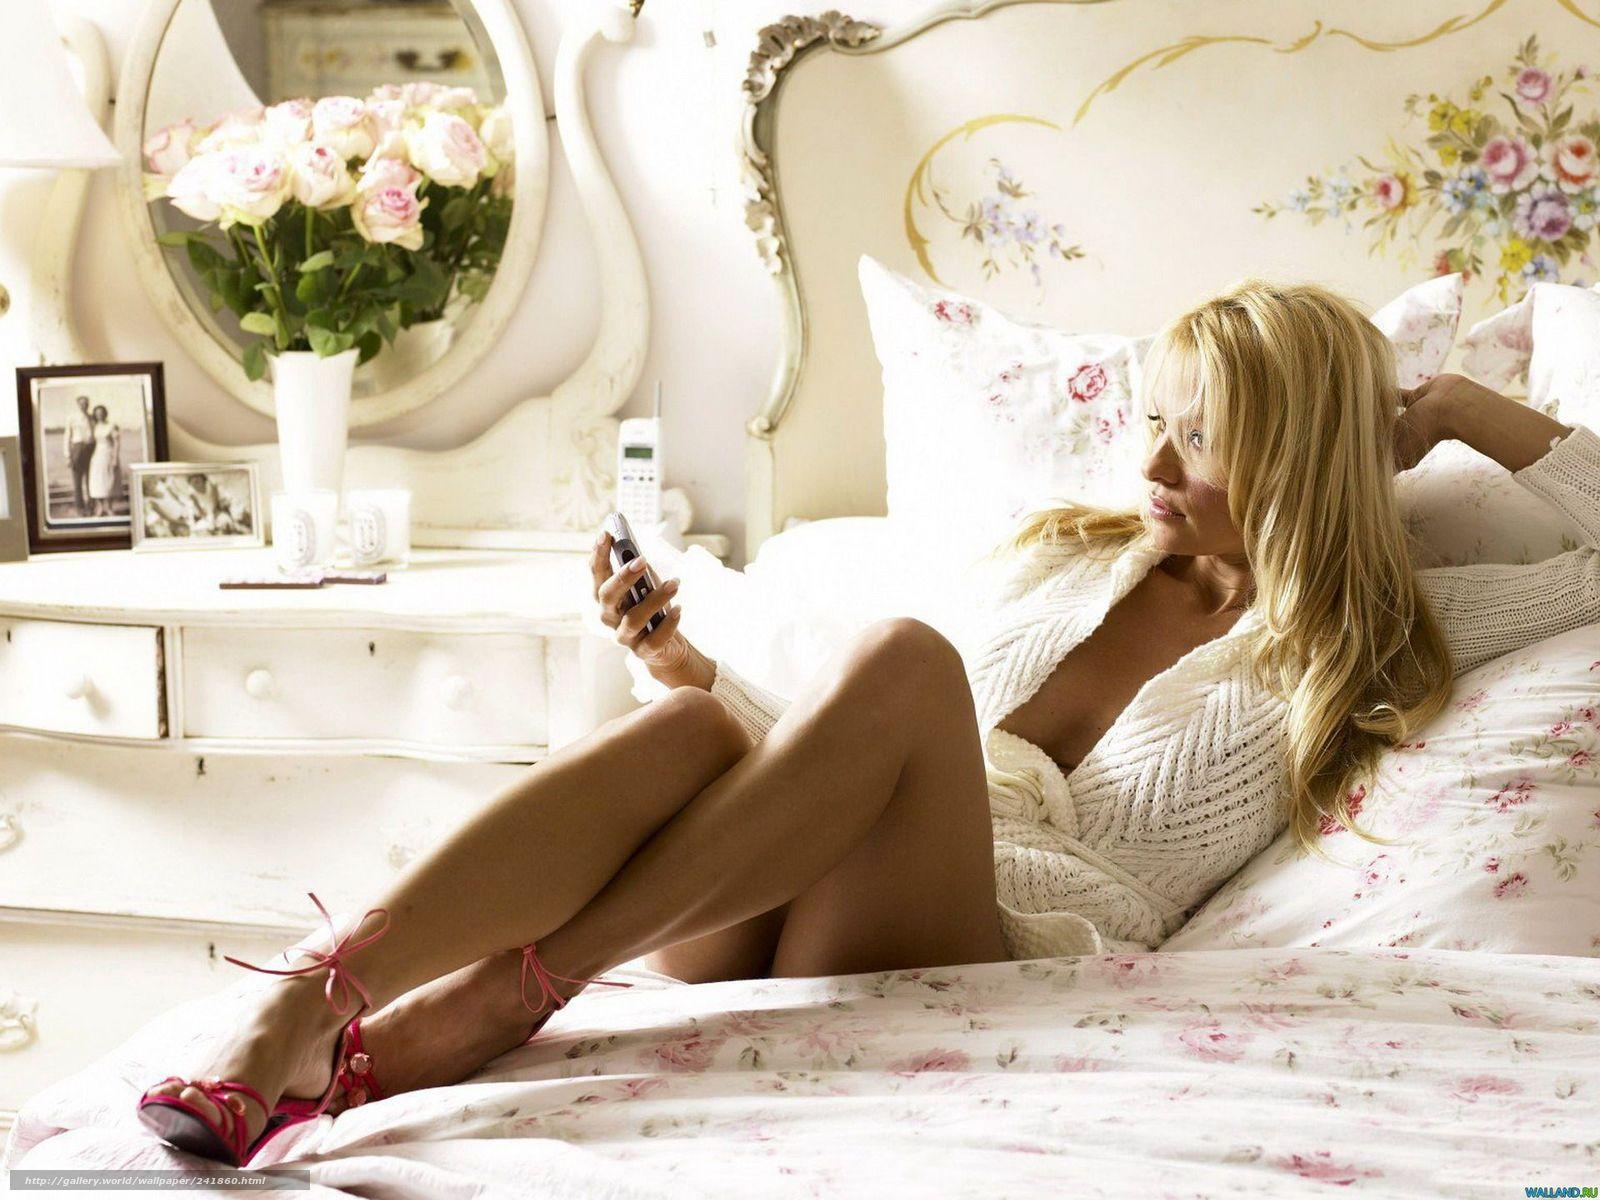 Эрротикка с блондинкамми в розоввомм на пленкке 5 фотография